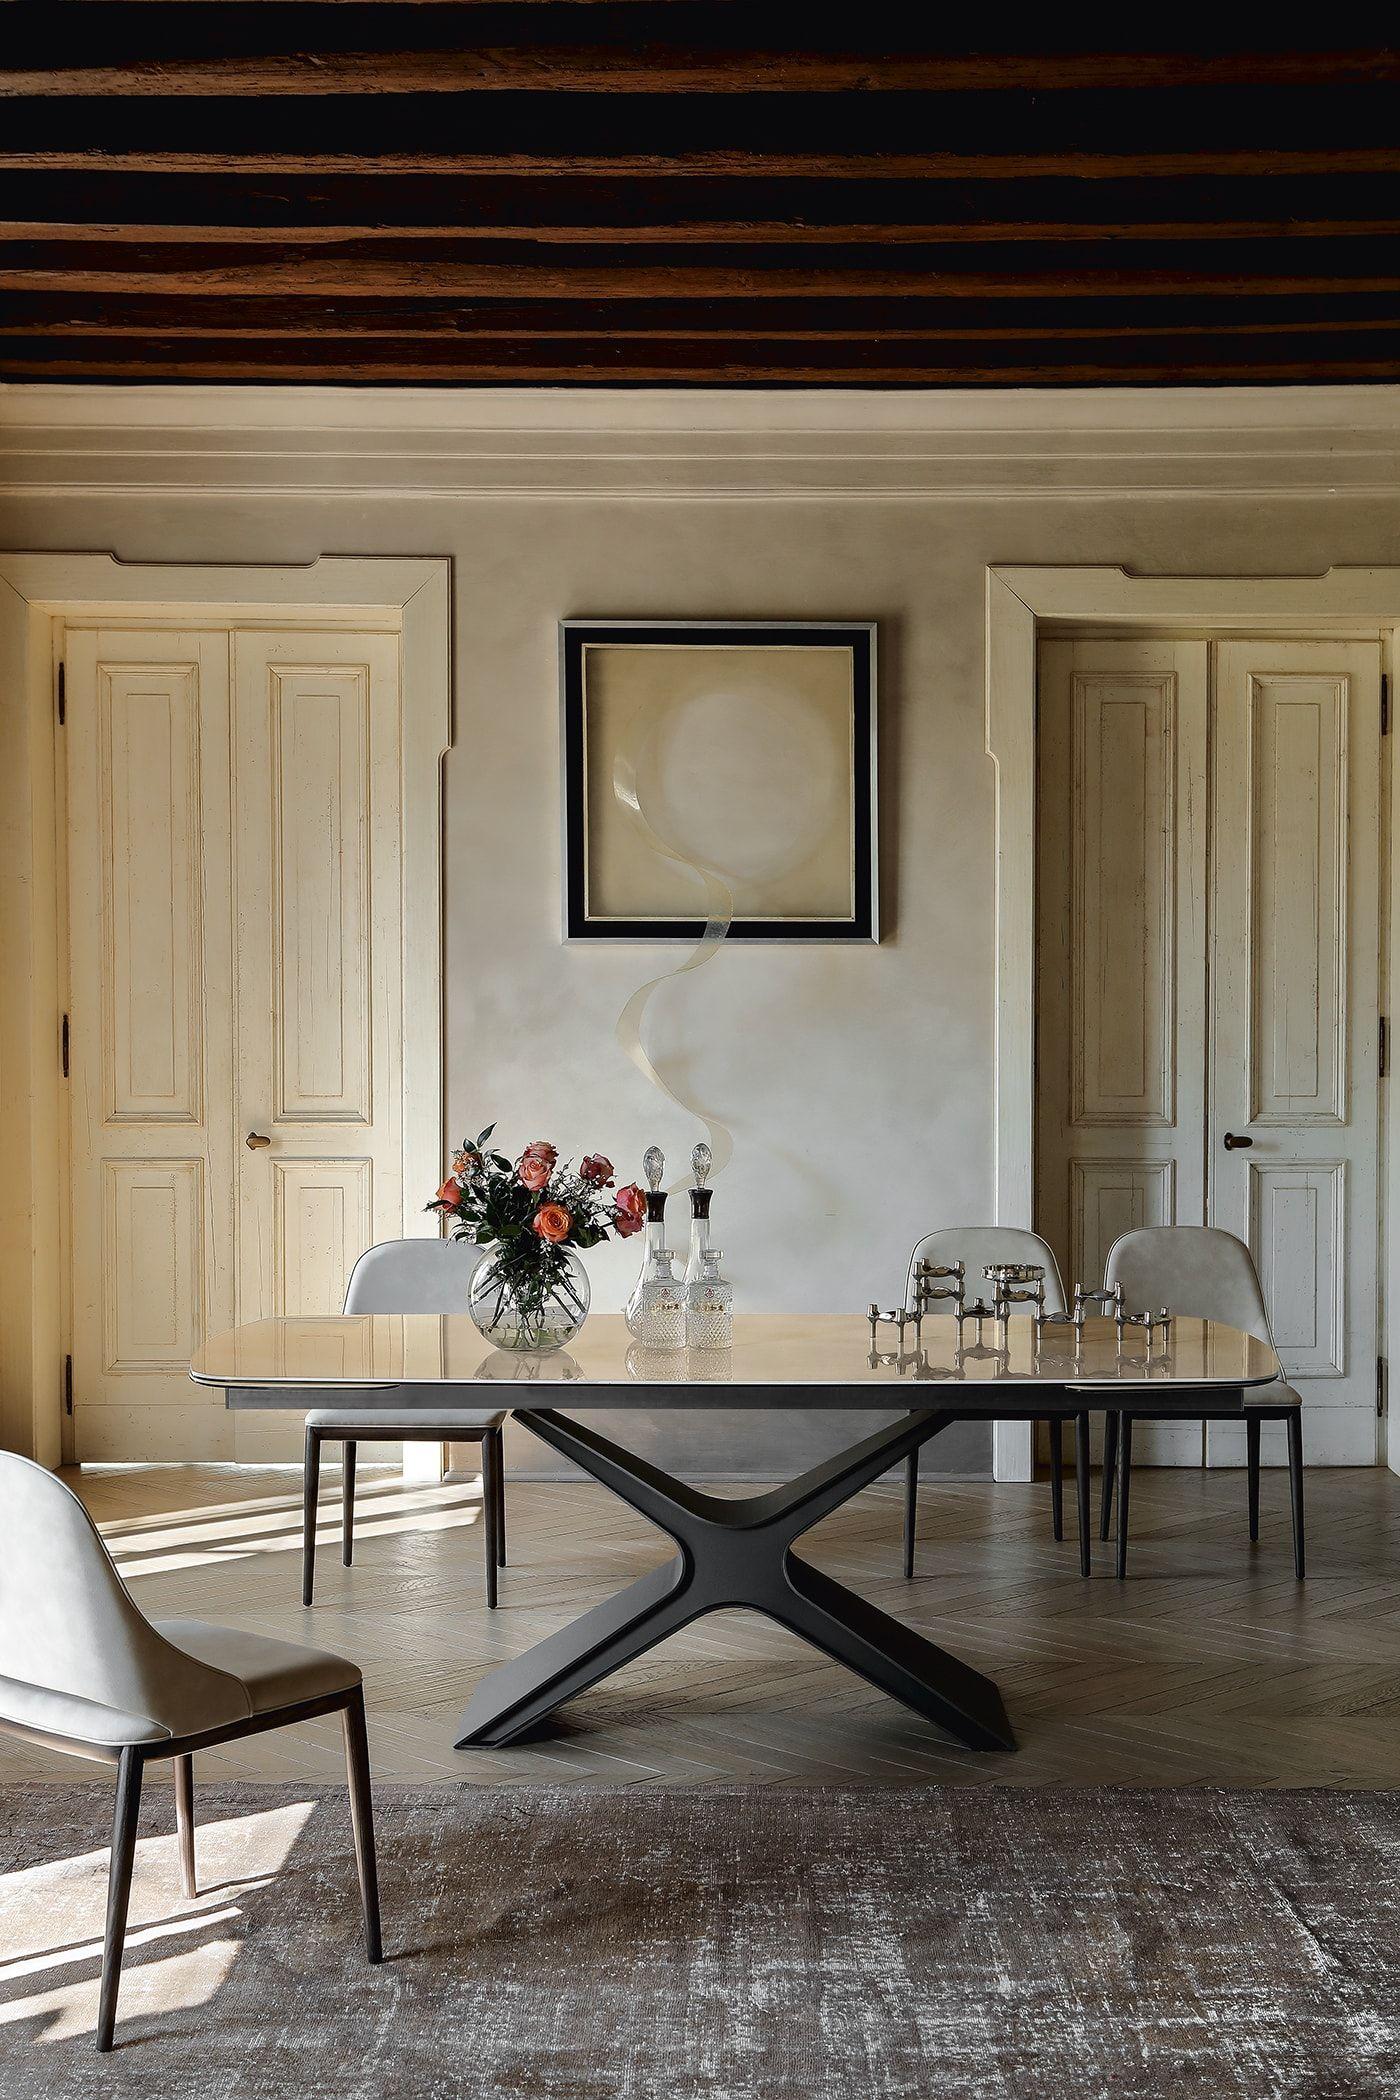 Piano Cucina Gres Opinioni tavolo tonin casa modello calliope (con immagini) | tavolo